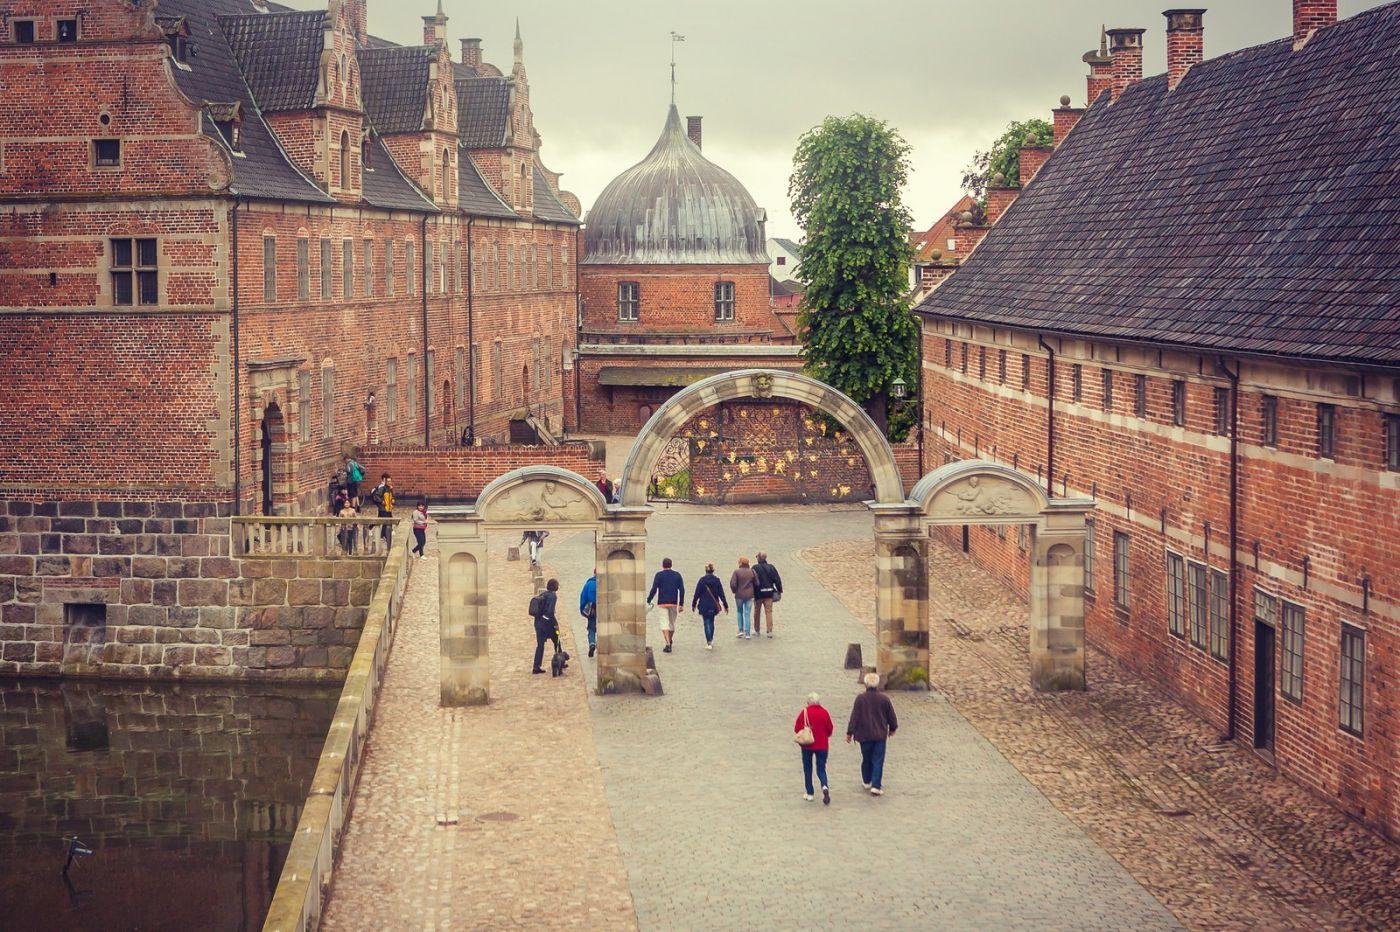 丹麦腓特烈堡城堡,当年的风采_图1-24